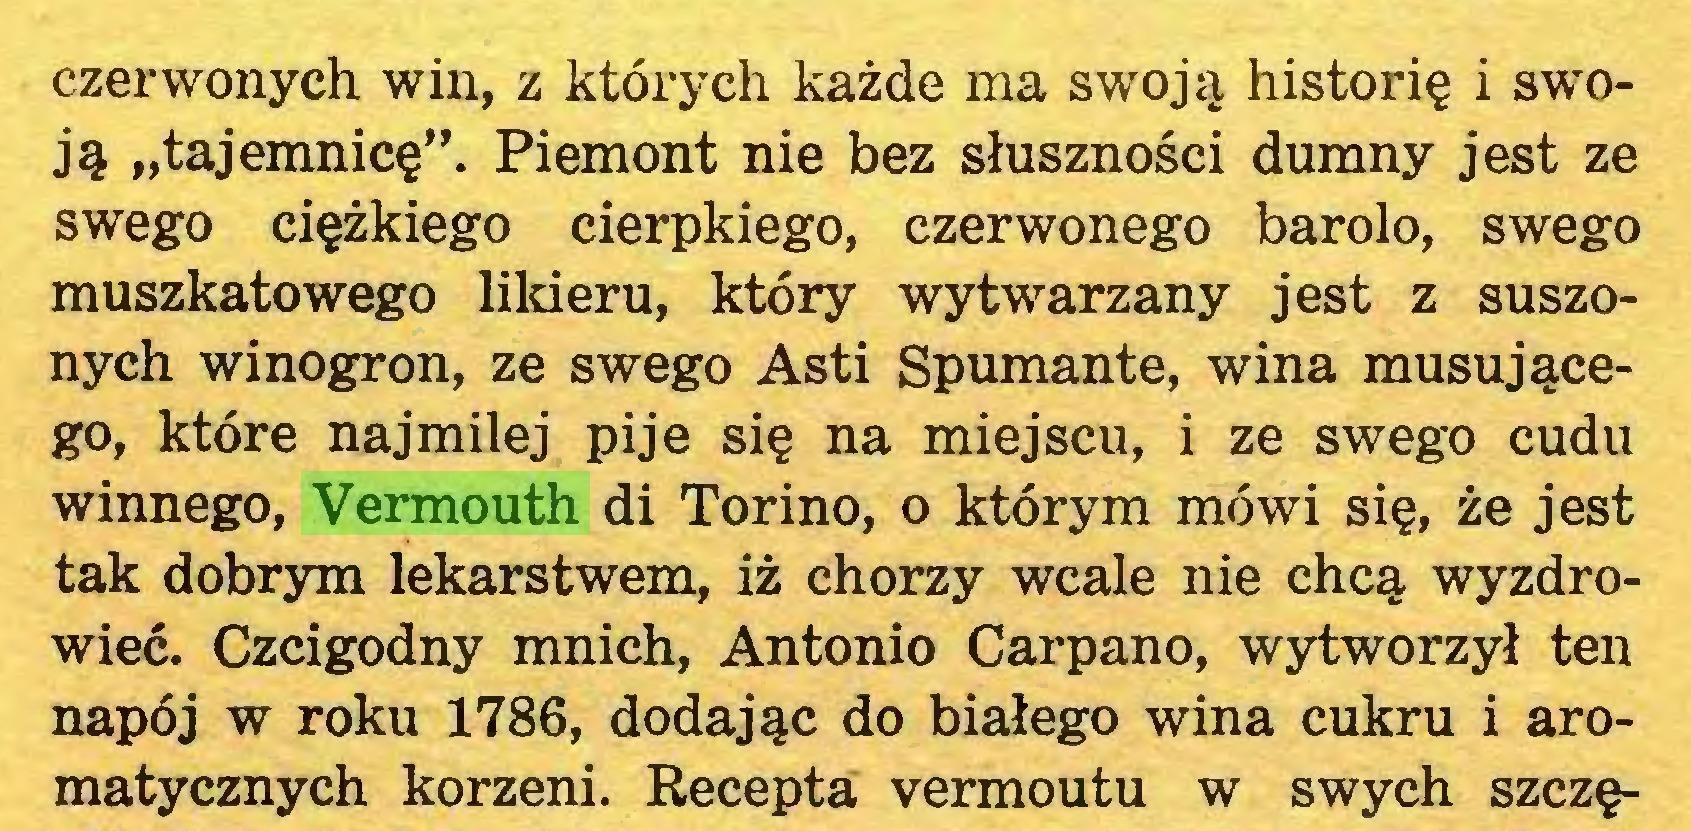 """(...) czerwonych win, z których każde ma swoją historię i swoją """"tajemnicę"""". Piemont nie bez słuszności dumny jest ze swego ciężkiego cierpkiego, czerwonego barolo, swego muszkatowego likieru, który wytwarzany jest z suszonych winogron, ze swego Asti Spumante, wina musującego, które najmilej pije się na miejscu, i ze swego cudu winnego, Vermouth di Torino, o którym mówi się, że jest tak dobrym lekarstwem, iż chorzy wcale nie chcą wyzdrowieć. Czcigodny mnich, Antonio Carpano, wytworzył ten napój w roku 1786, dodając do białego wina cukru i aromatycznych korzeni. Recepta vermoutu w swych szczę..."""